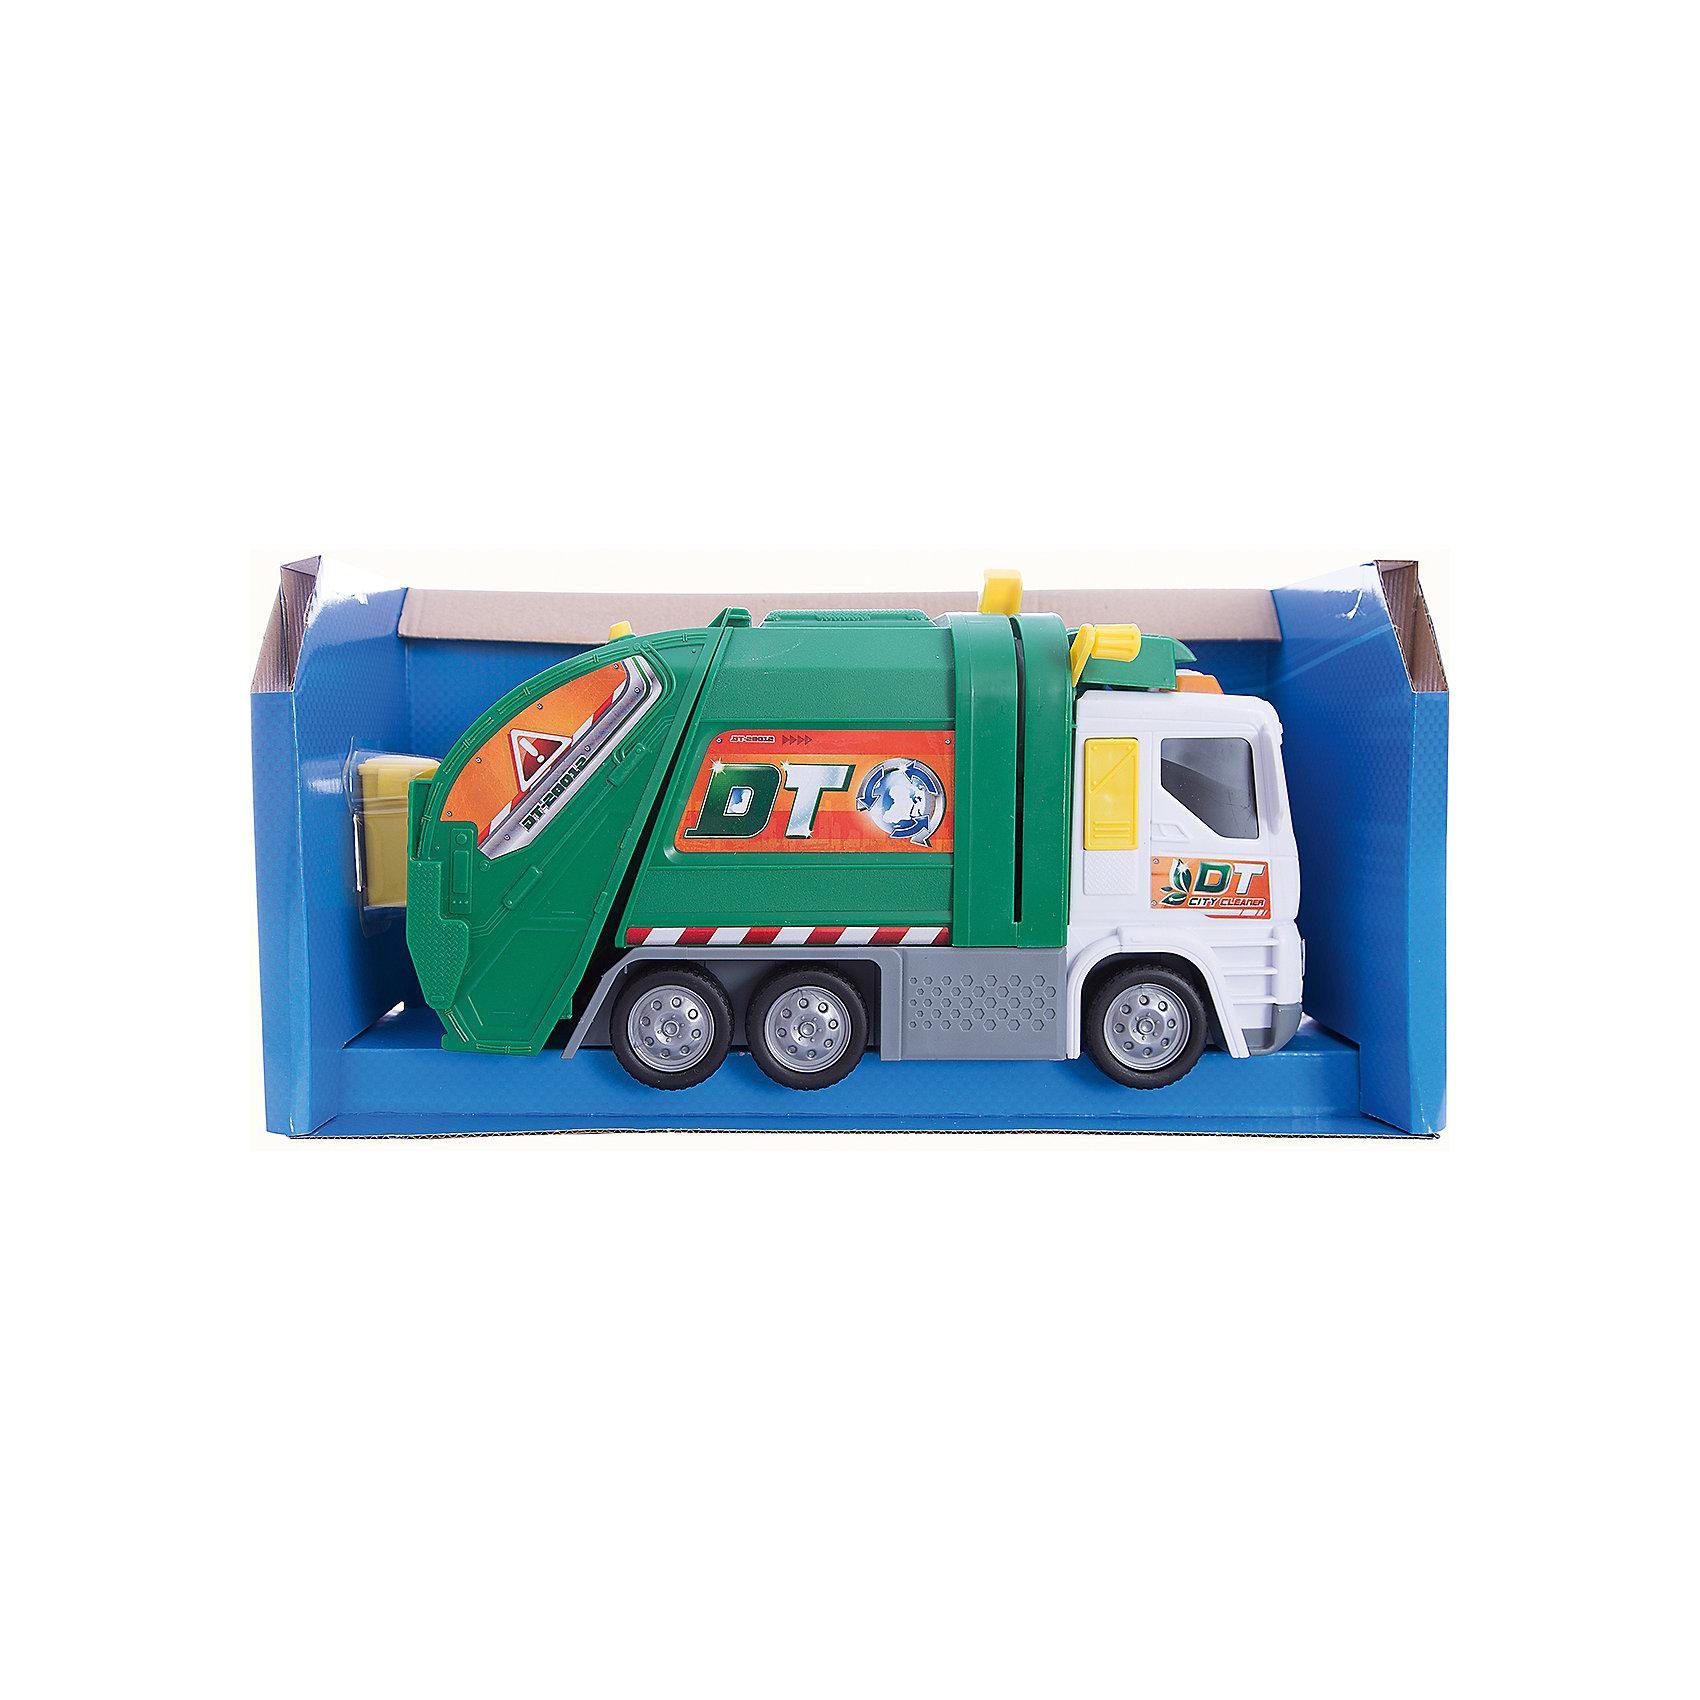 Мусоровоз со светом и звуком, 30см, Dickie ToysХарактеристики товара:<br><br>- цвет: разноцветный;<br>- материал: пластик;<br>- габариты: 30 см;<br>- комплектация: машина, мусорный бак, контейнер;<br>- батарейки: 2хАА в комплекте;<br>- возраст: 3+.<br><br>Машинки и комплектующие к ним – безусловные фавориты среди детских игрушек для мальчиков. Специализированная техника – желанный подарок всех деток. У игрушки есть рычаг, который умеет опускать и поднимать мусорный бак, чтобы затем опрокинуть его в большой контейнер - кузов. Работает от обычных пальчиковых батареек. Есть возможность производить звуковые, а так же световые эффекты. Материалы, участвовавшие при создании и изготовлении изделия полностью безопасны для малыша, а так же отвечают современным международным требованиям по качеству детских товаров.<br><br>Игрушку Мусоровоз со светом и звуком, 30 см от бренда Dickie Toys можно купить в нашем интернет-магазине.<br><br>Ширина мм: 400<br>Глубина мм: 200<br>Высота мм: 150<br>Вес г: 1000<br>Возраст от месяцев: 36<br>Возраст до месяцев: 168<br>Пол: Мужской<br>Возраст: Детский<br>SKU: 5104804